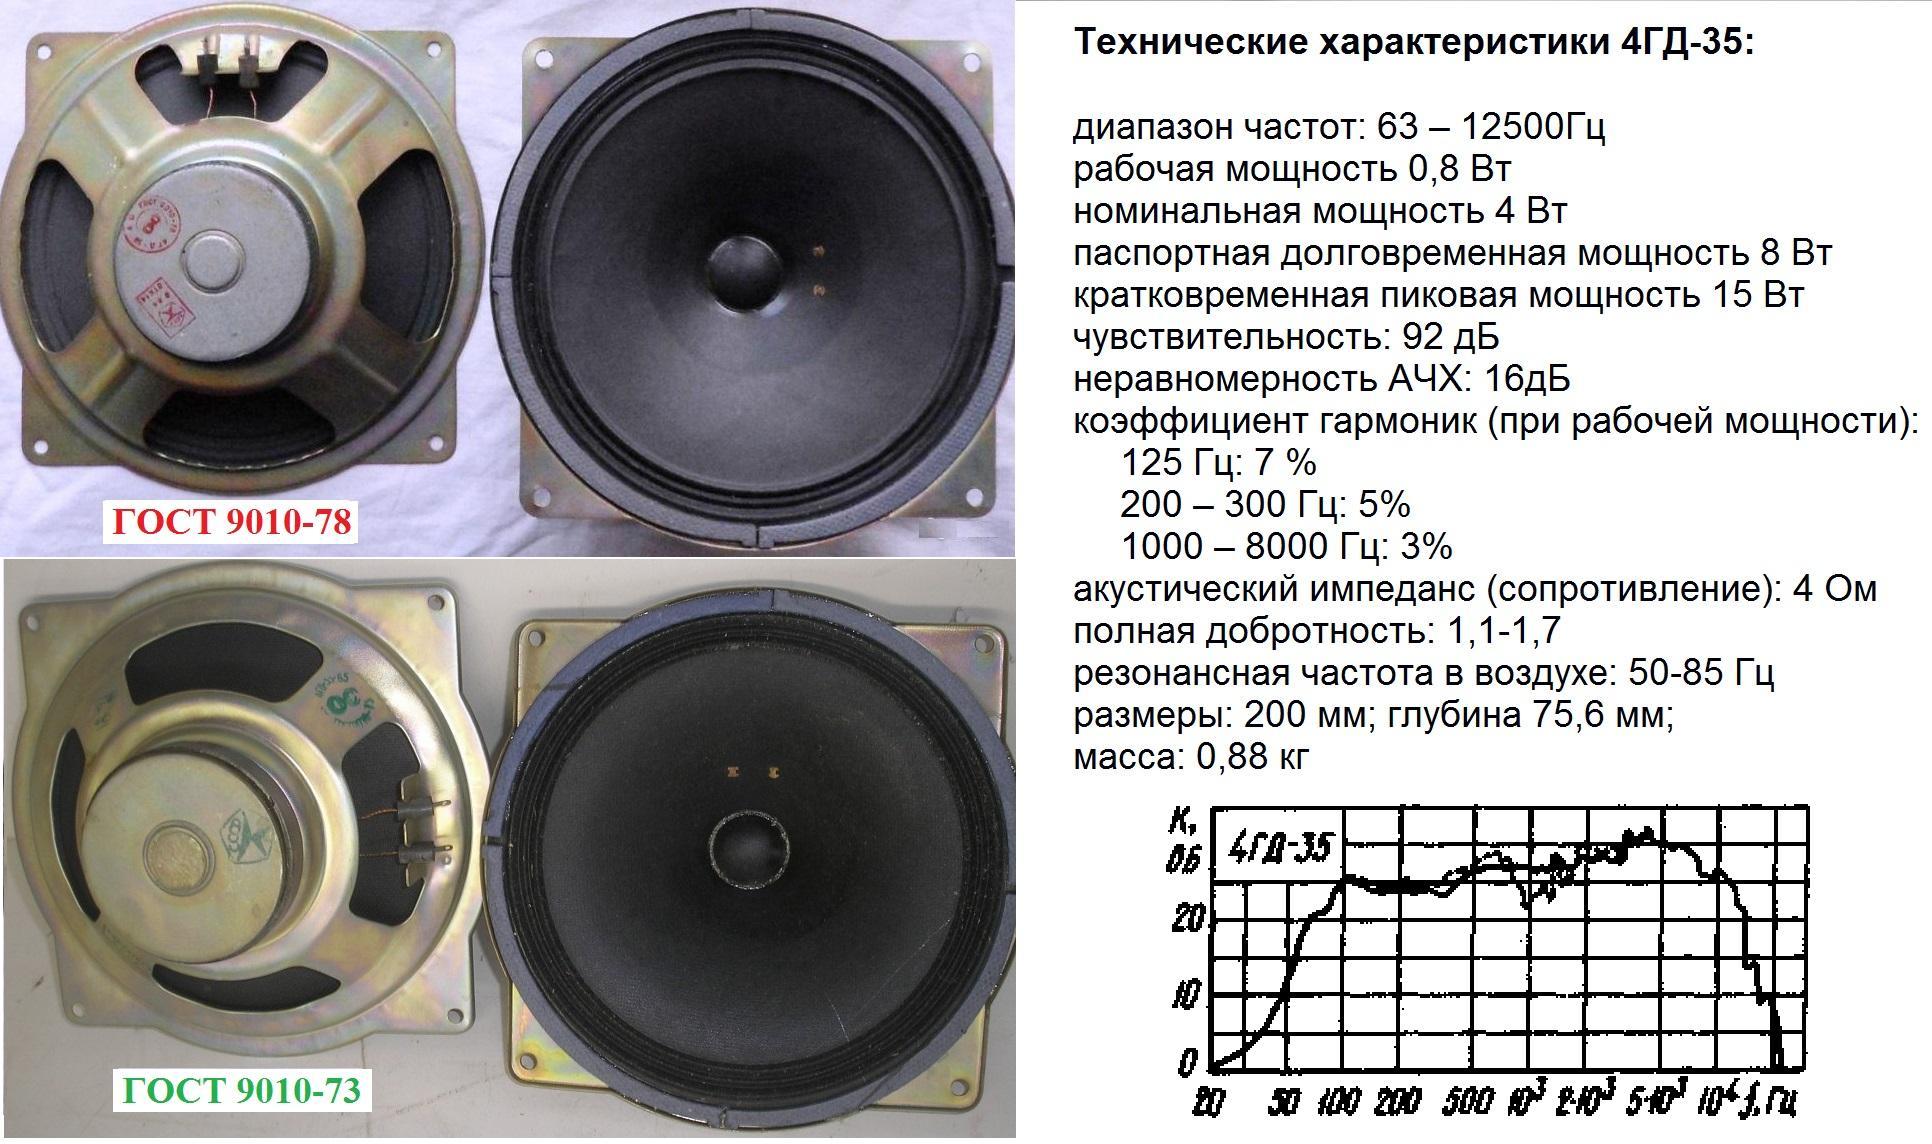 Фото и параметры 4гд 35